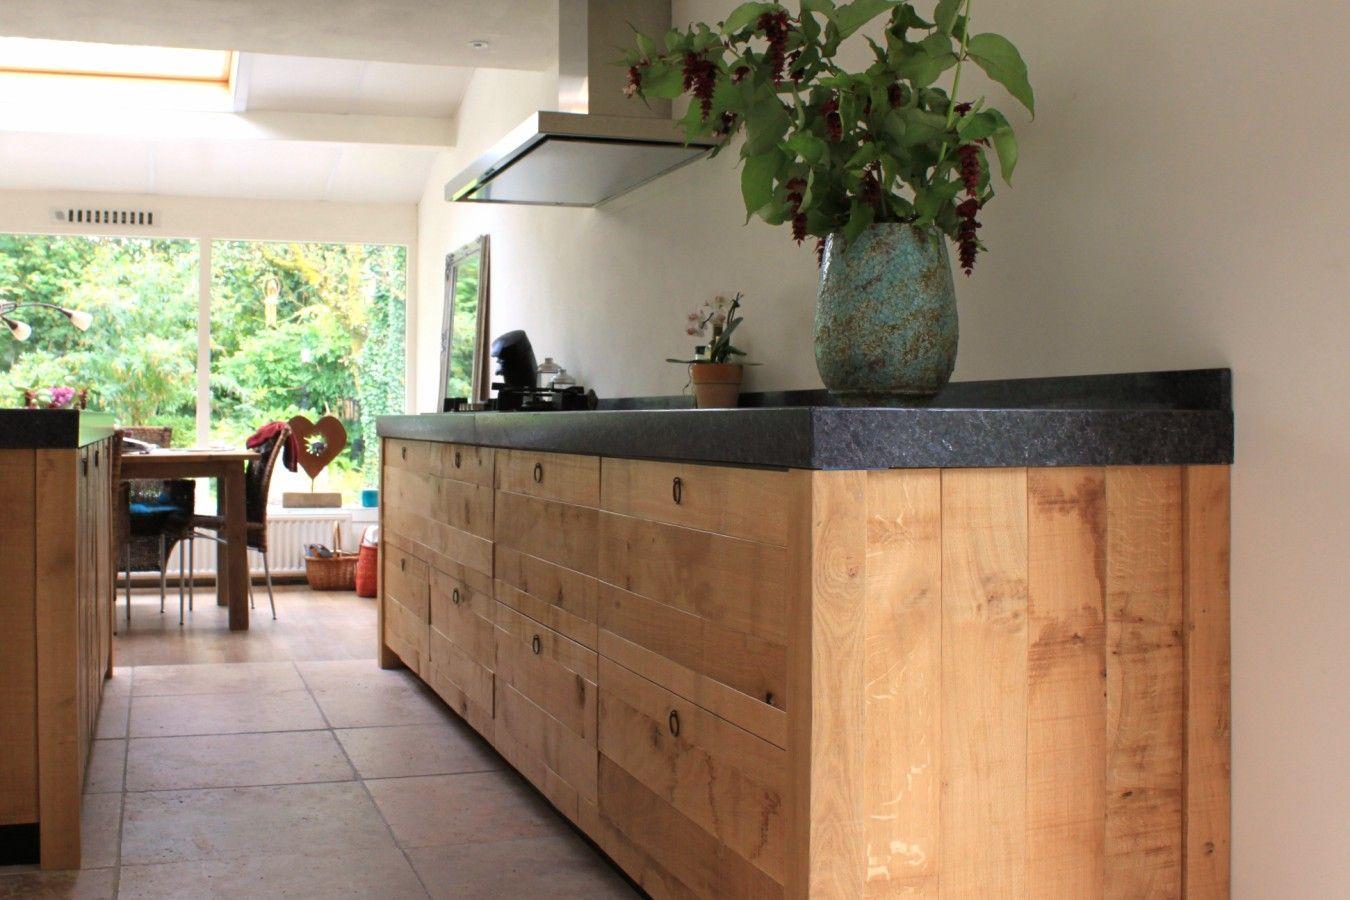 Vaatwasser Voor Zwevende Keuken : De voordeligste woonwinkel van Nederland! Ruw eiken keuken [42733